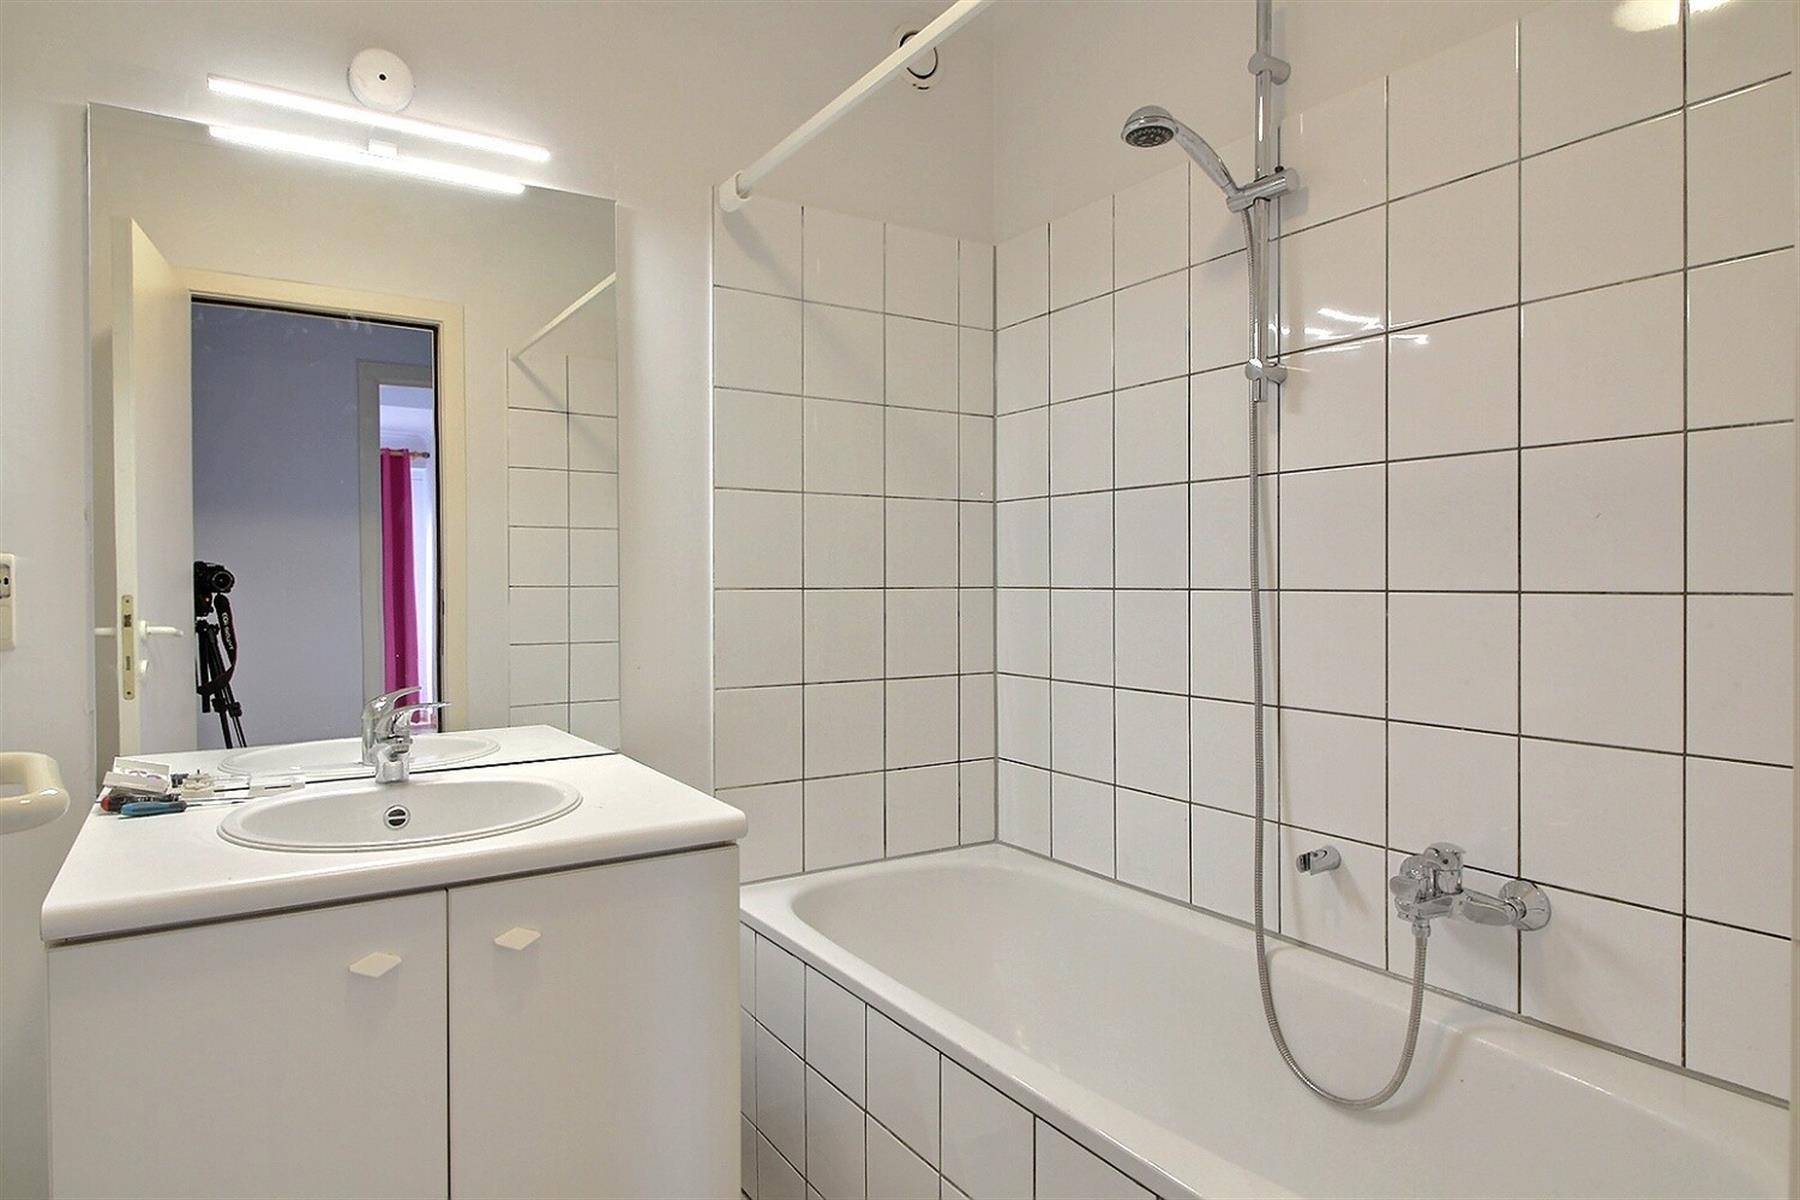 Rez-de-chaussée - Ottignies-Louvain-la-Neuve - #4158374-5